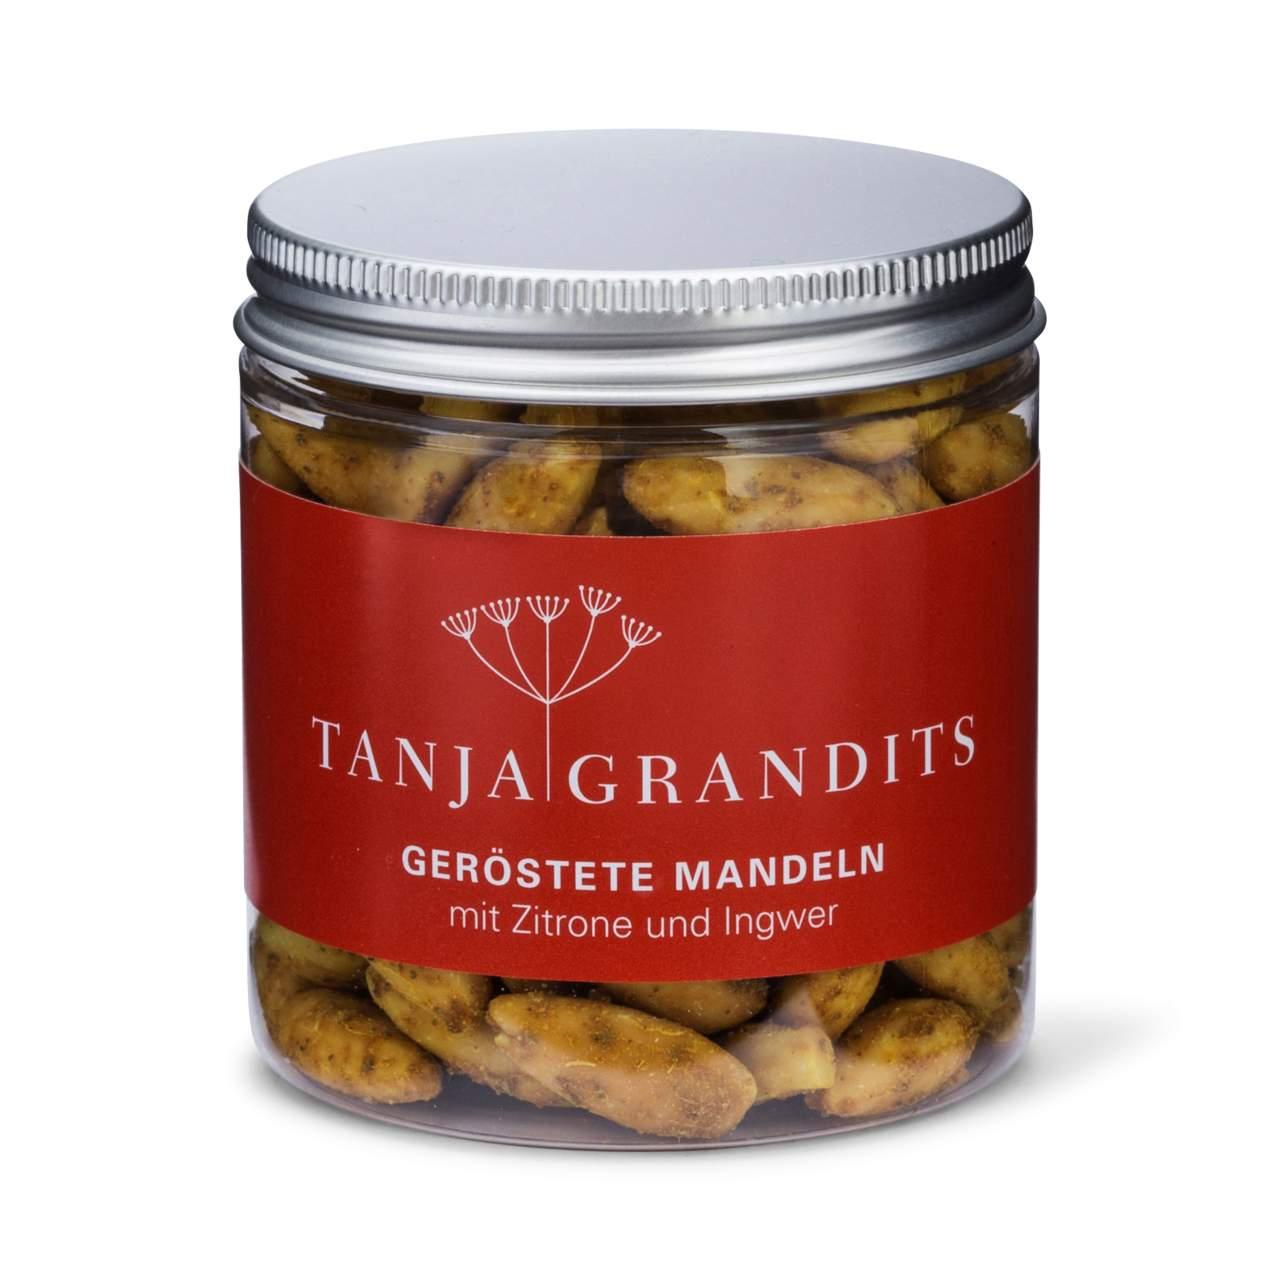 Tanja Grandits: Geröstete Mandeln mit Zitrone und Ingwer